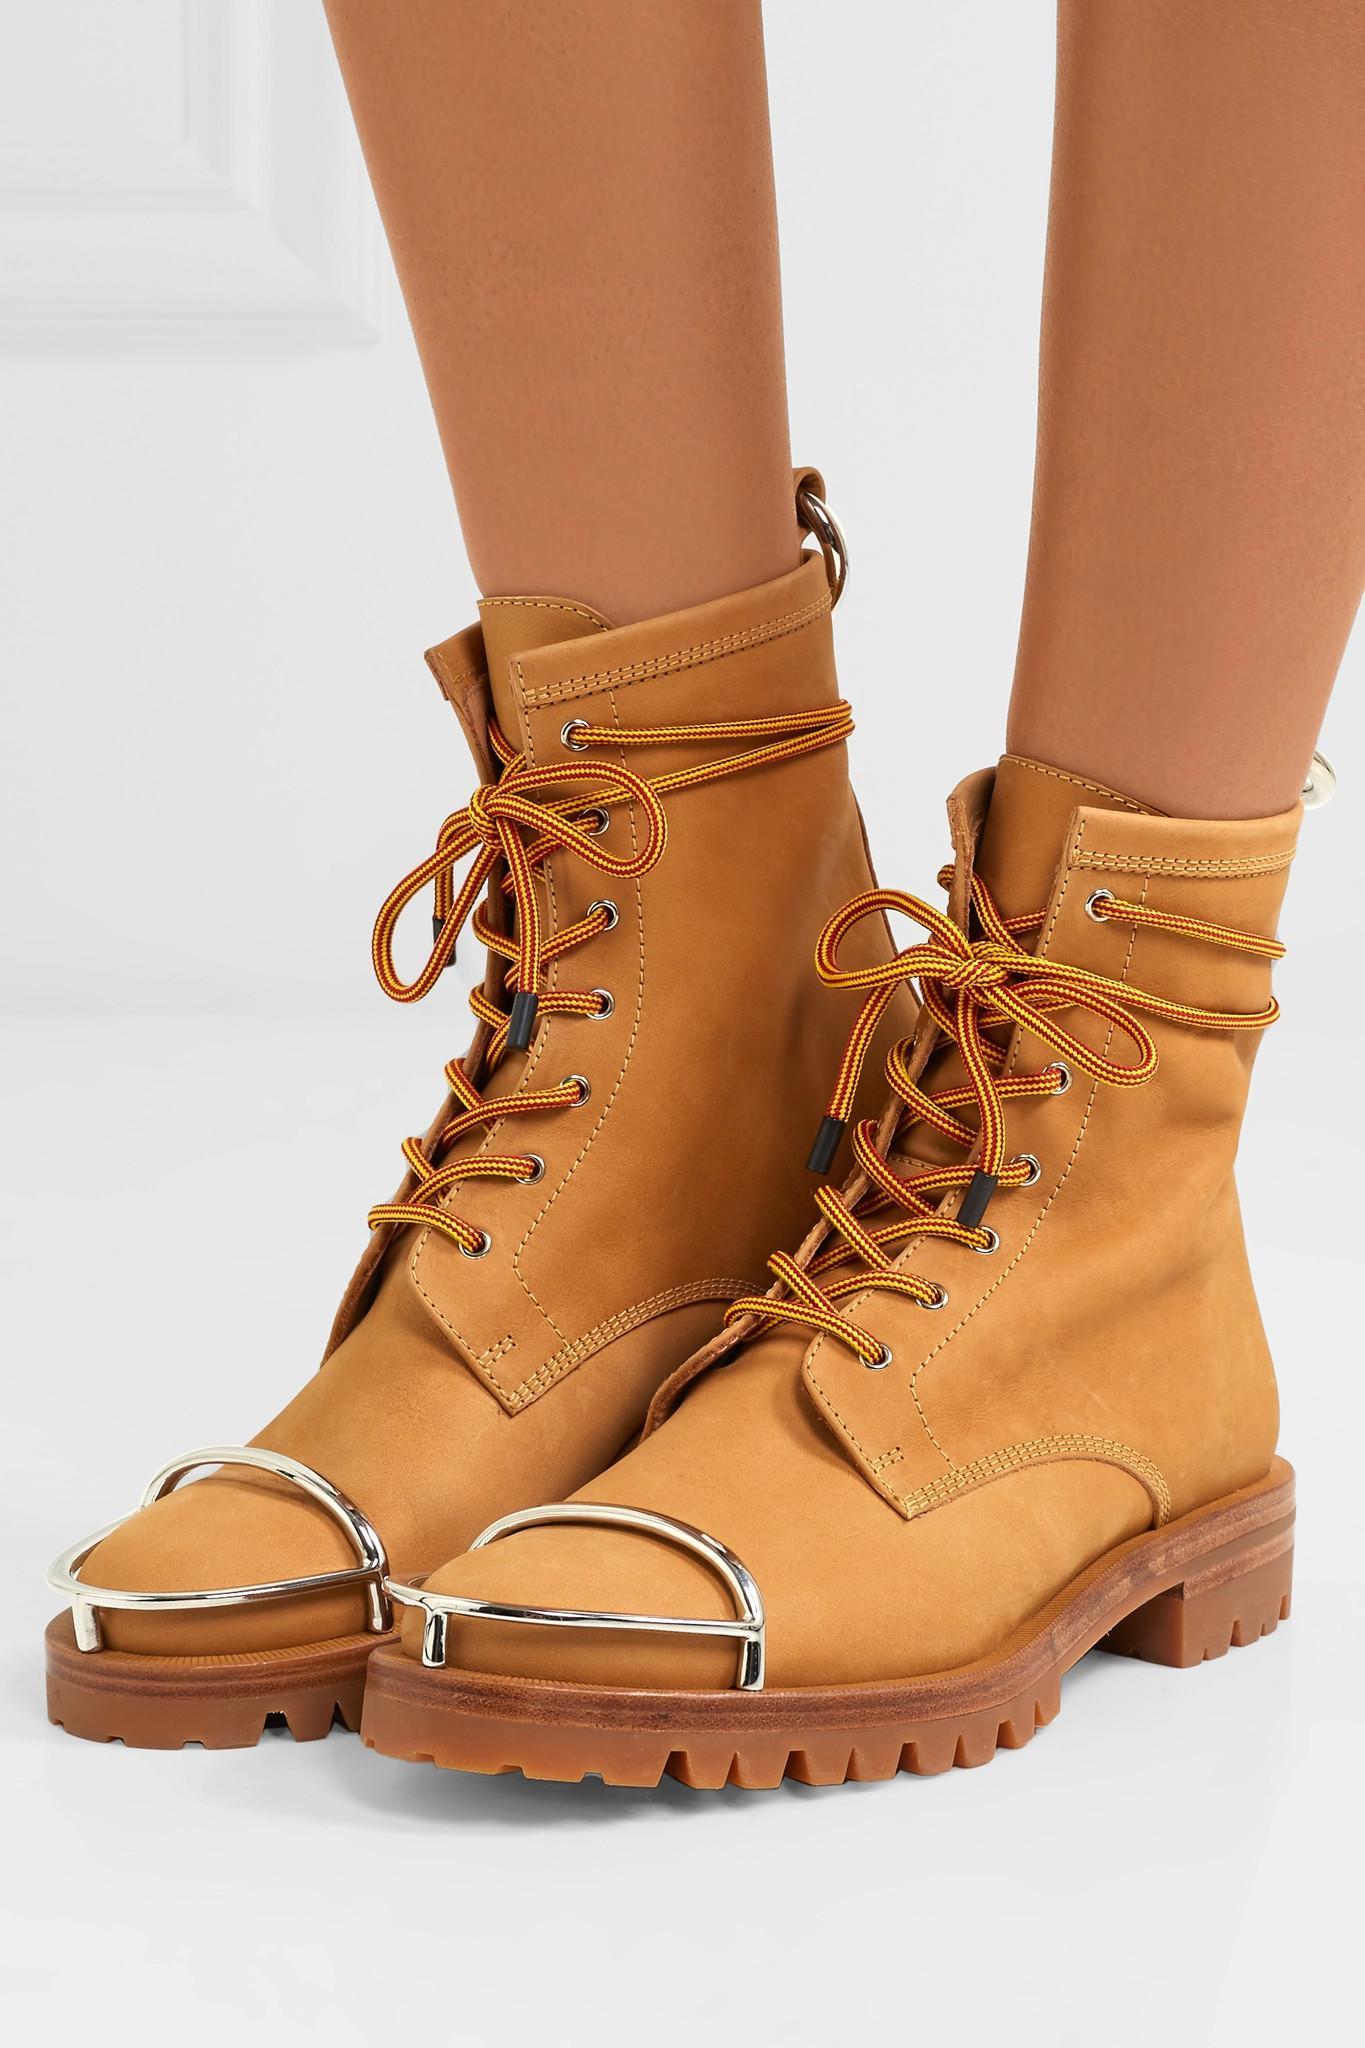 Alexander Wang Tan Ariette Boots jeqythSaRA